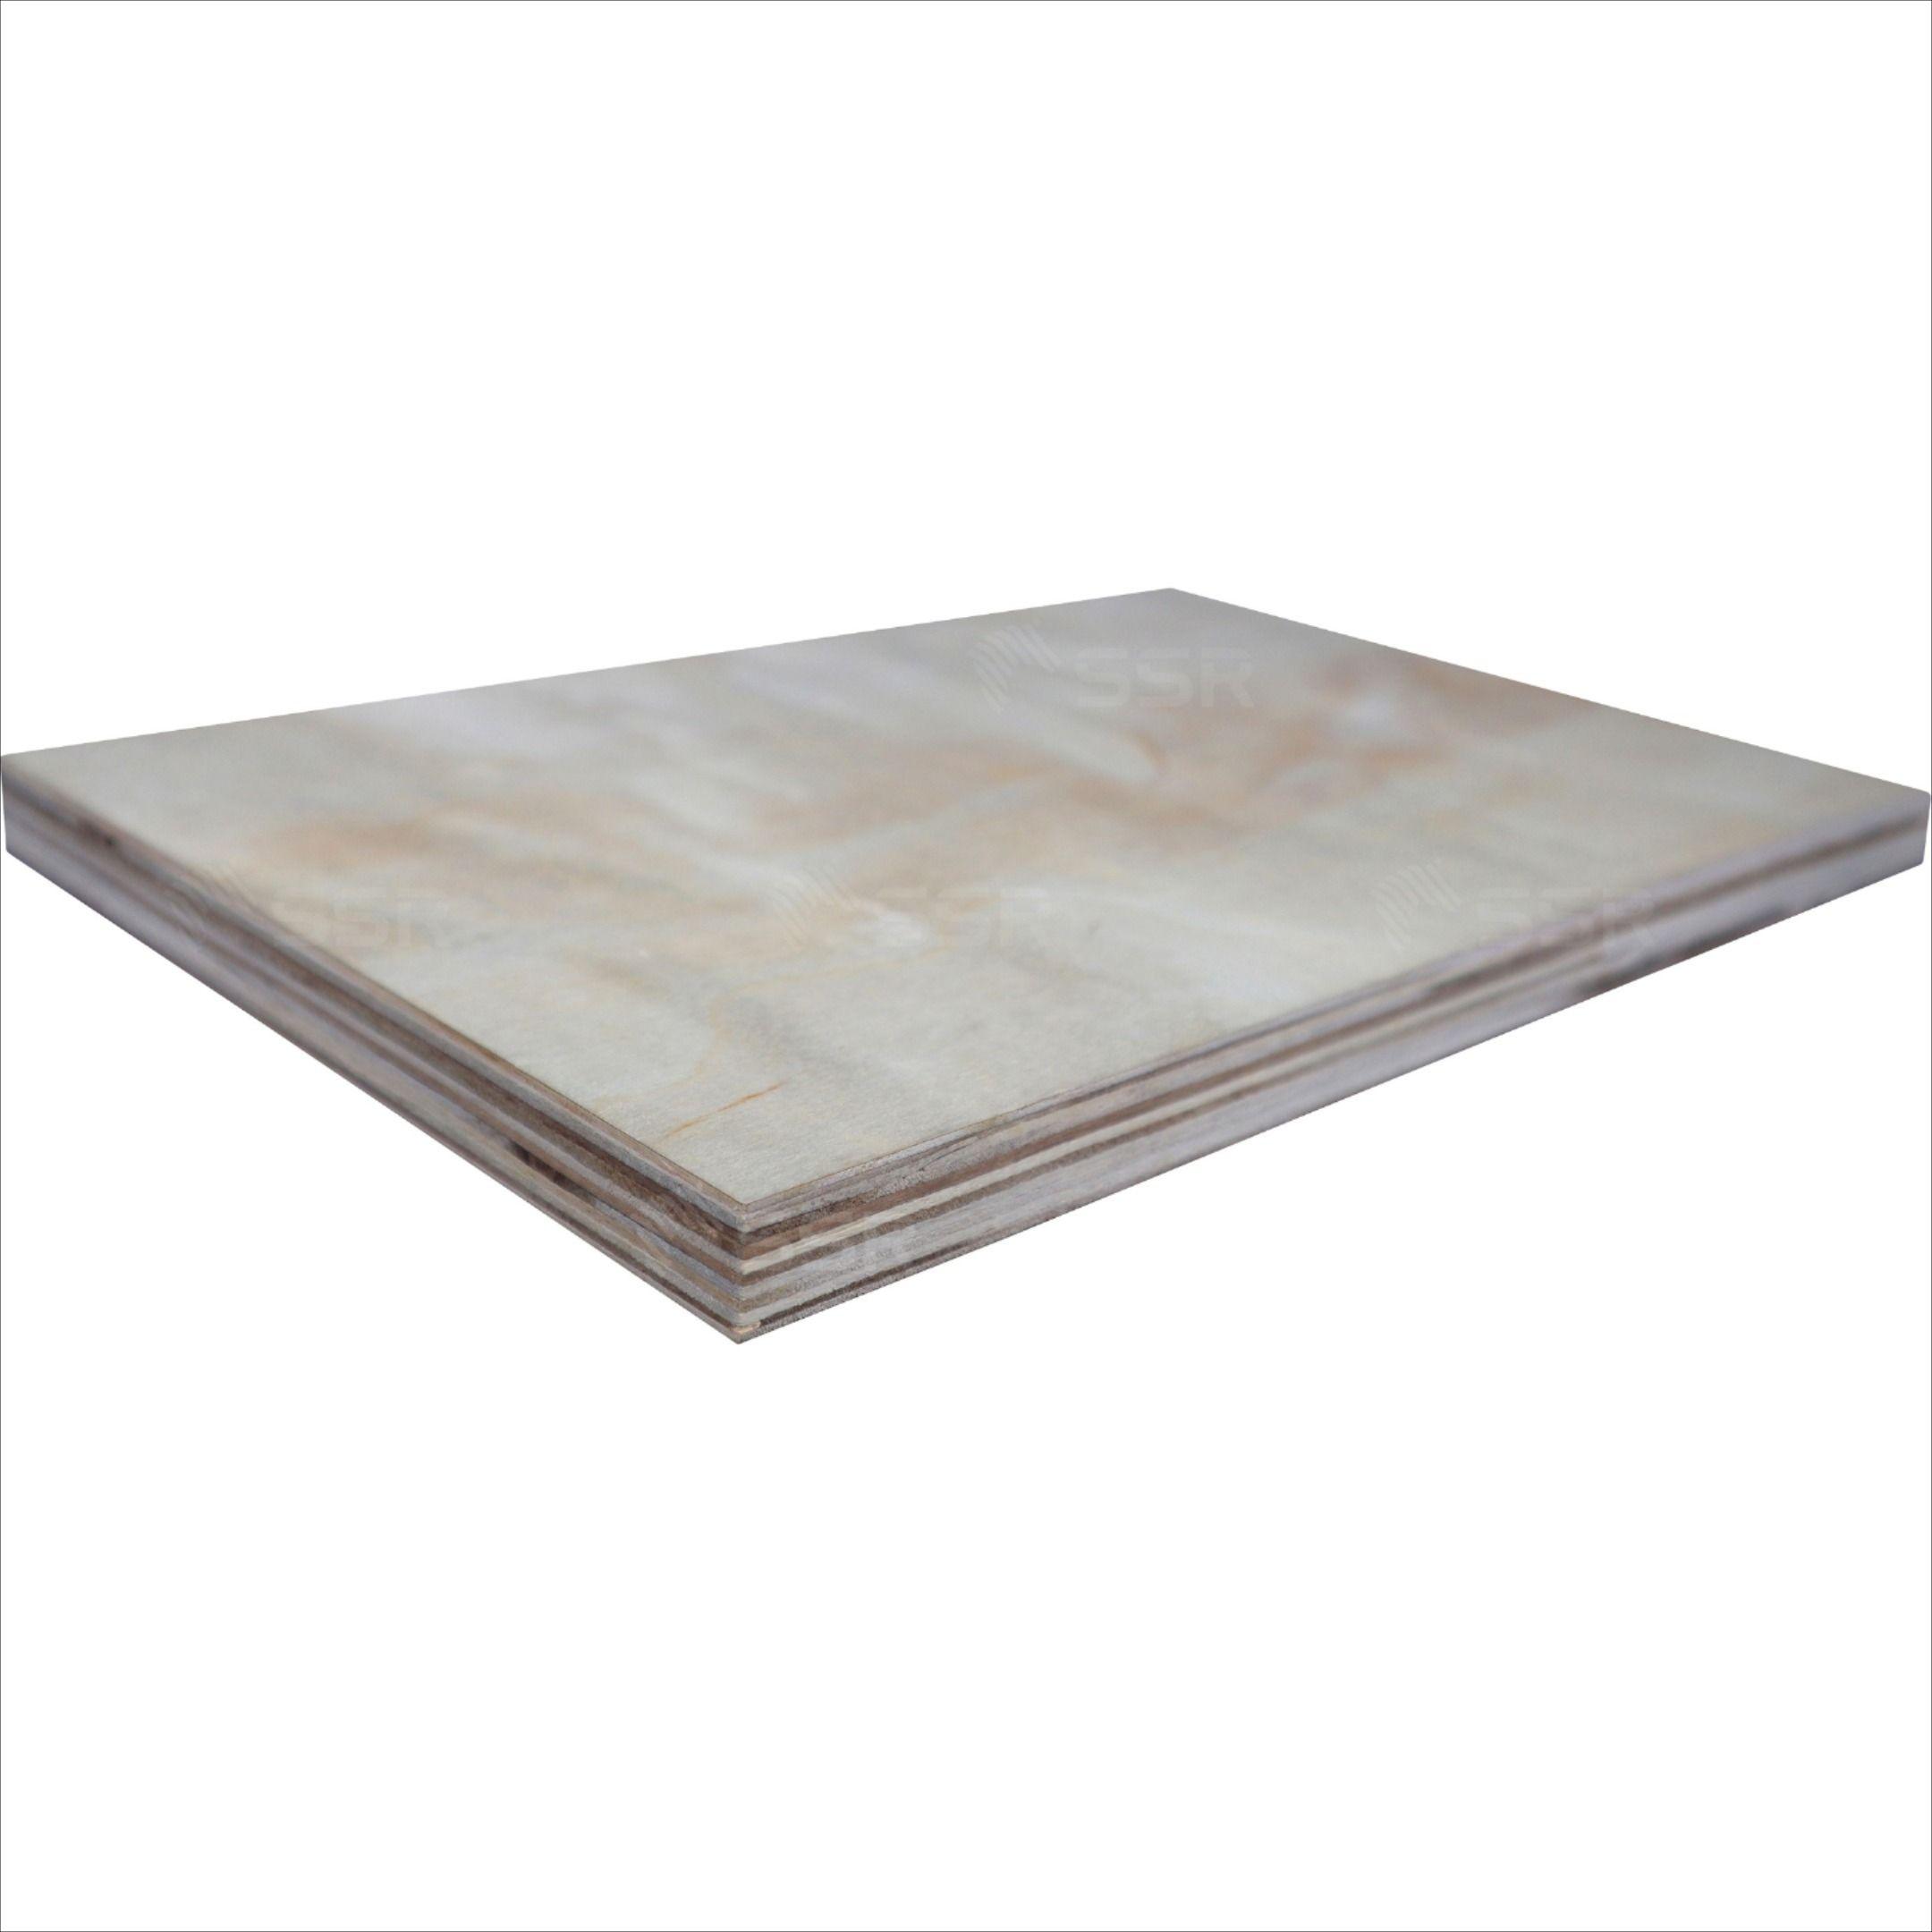 Birch Veneer Plywood